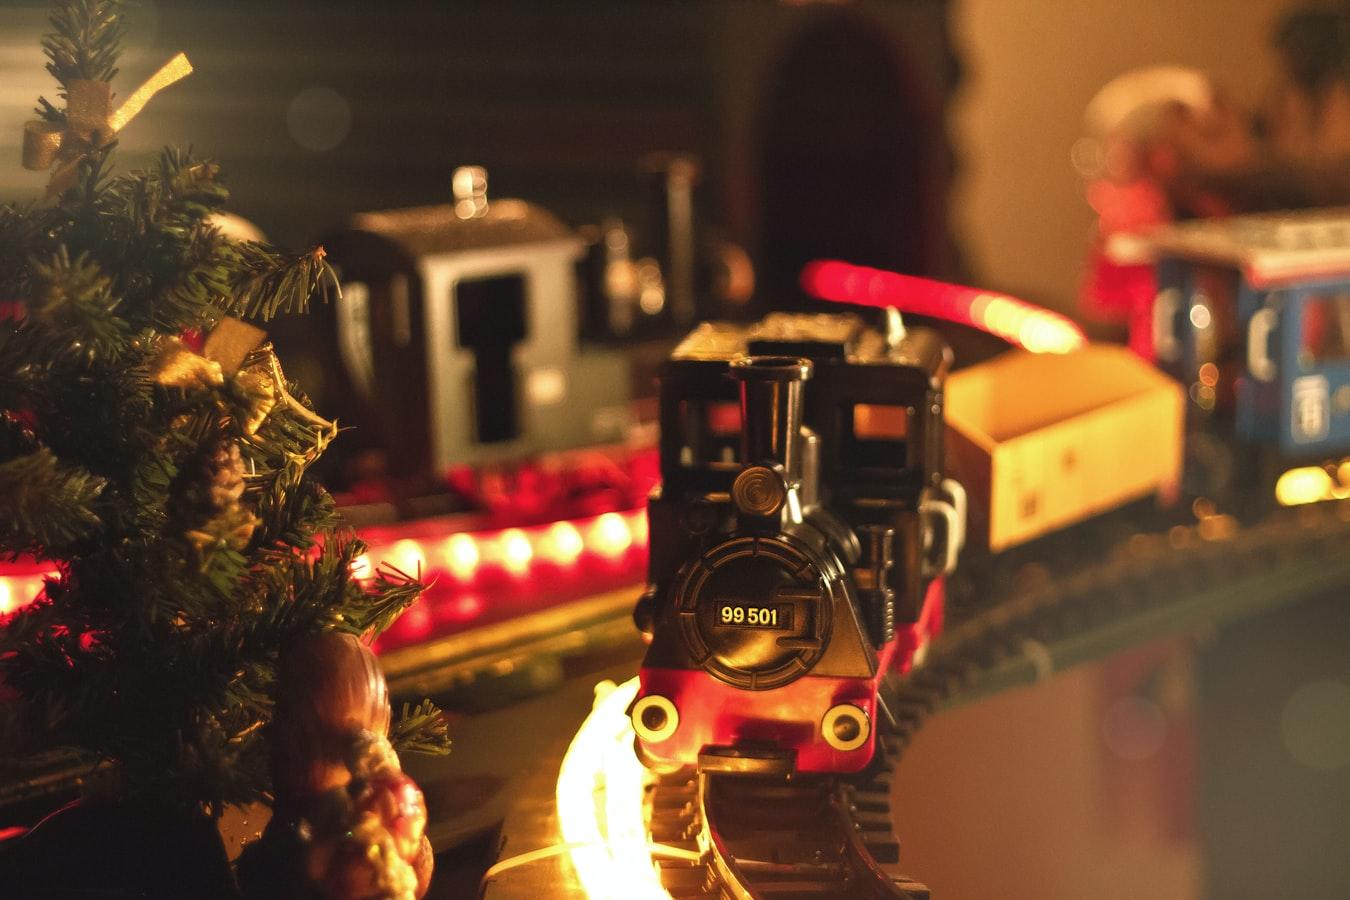 Urobte deťom radosť a zahrajte sa s nimi s vianočnými hračkami. / Zdroj: Unsplash